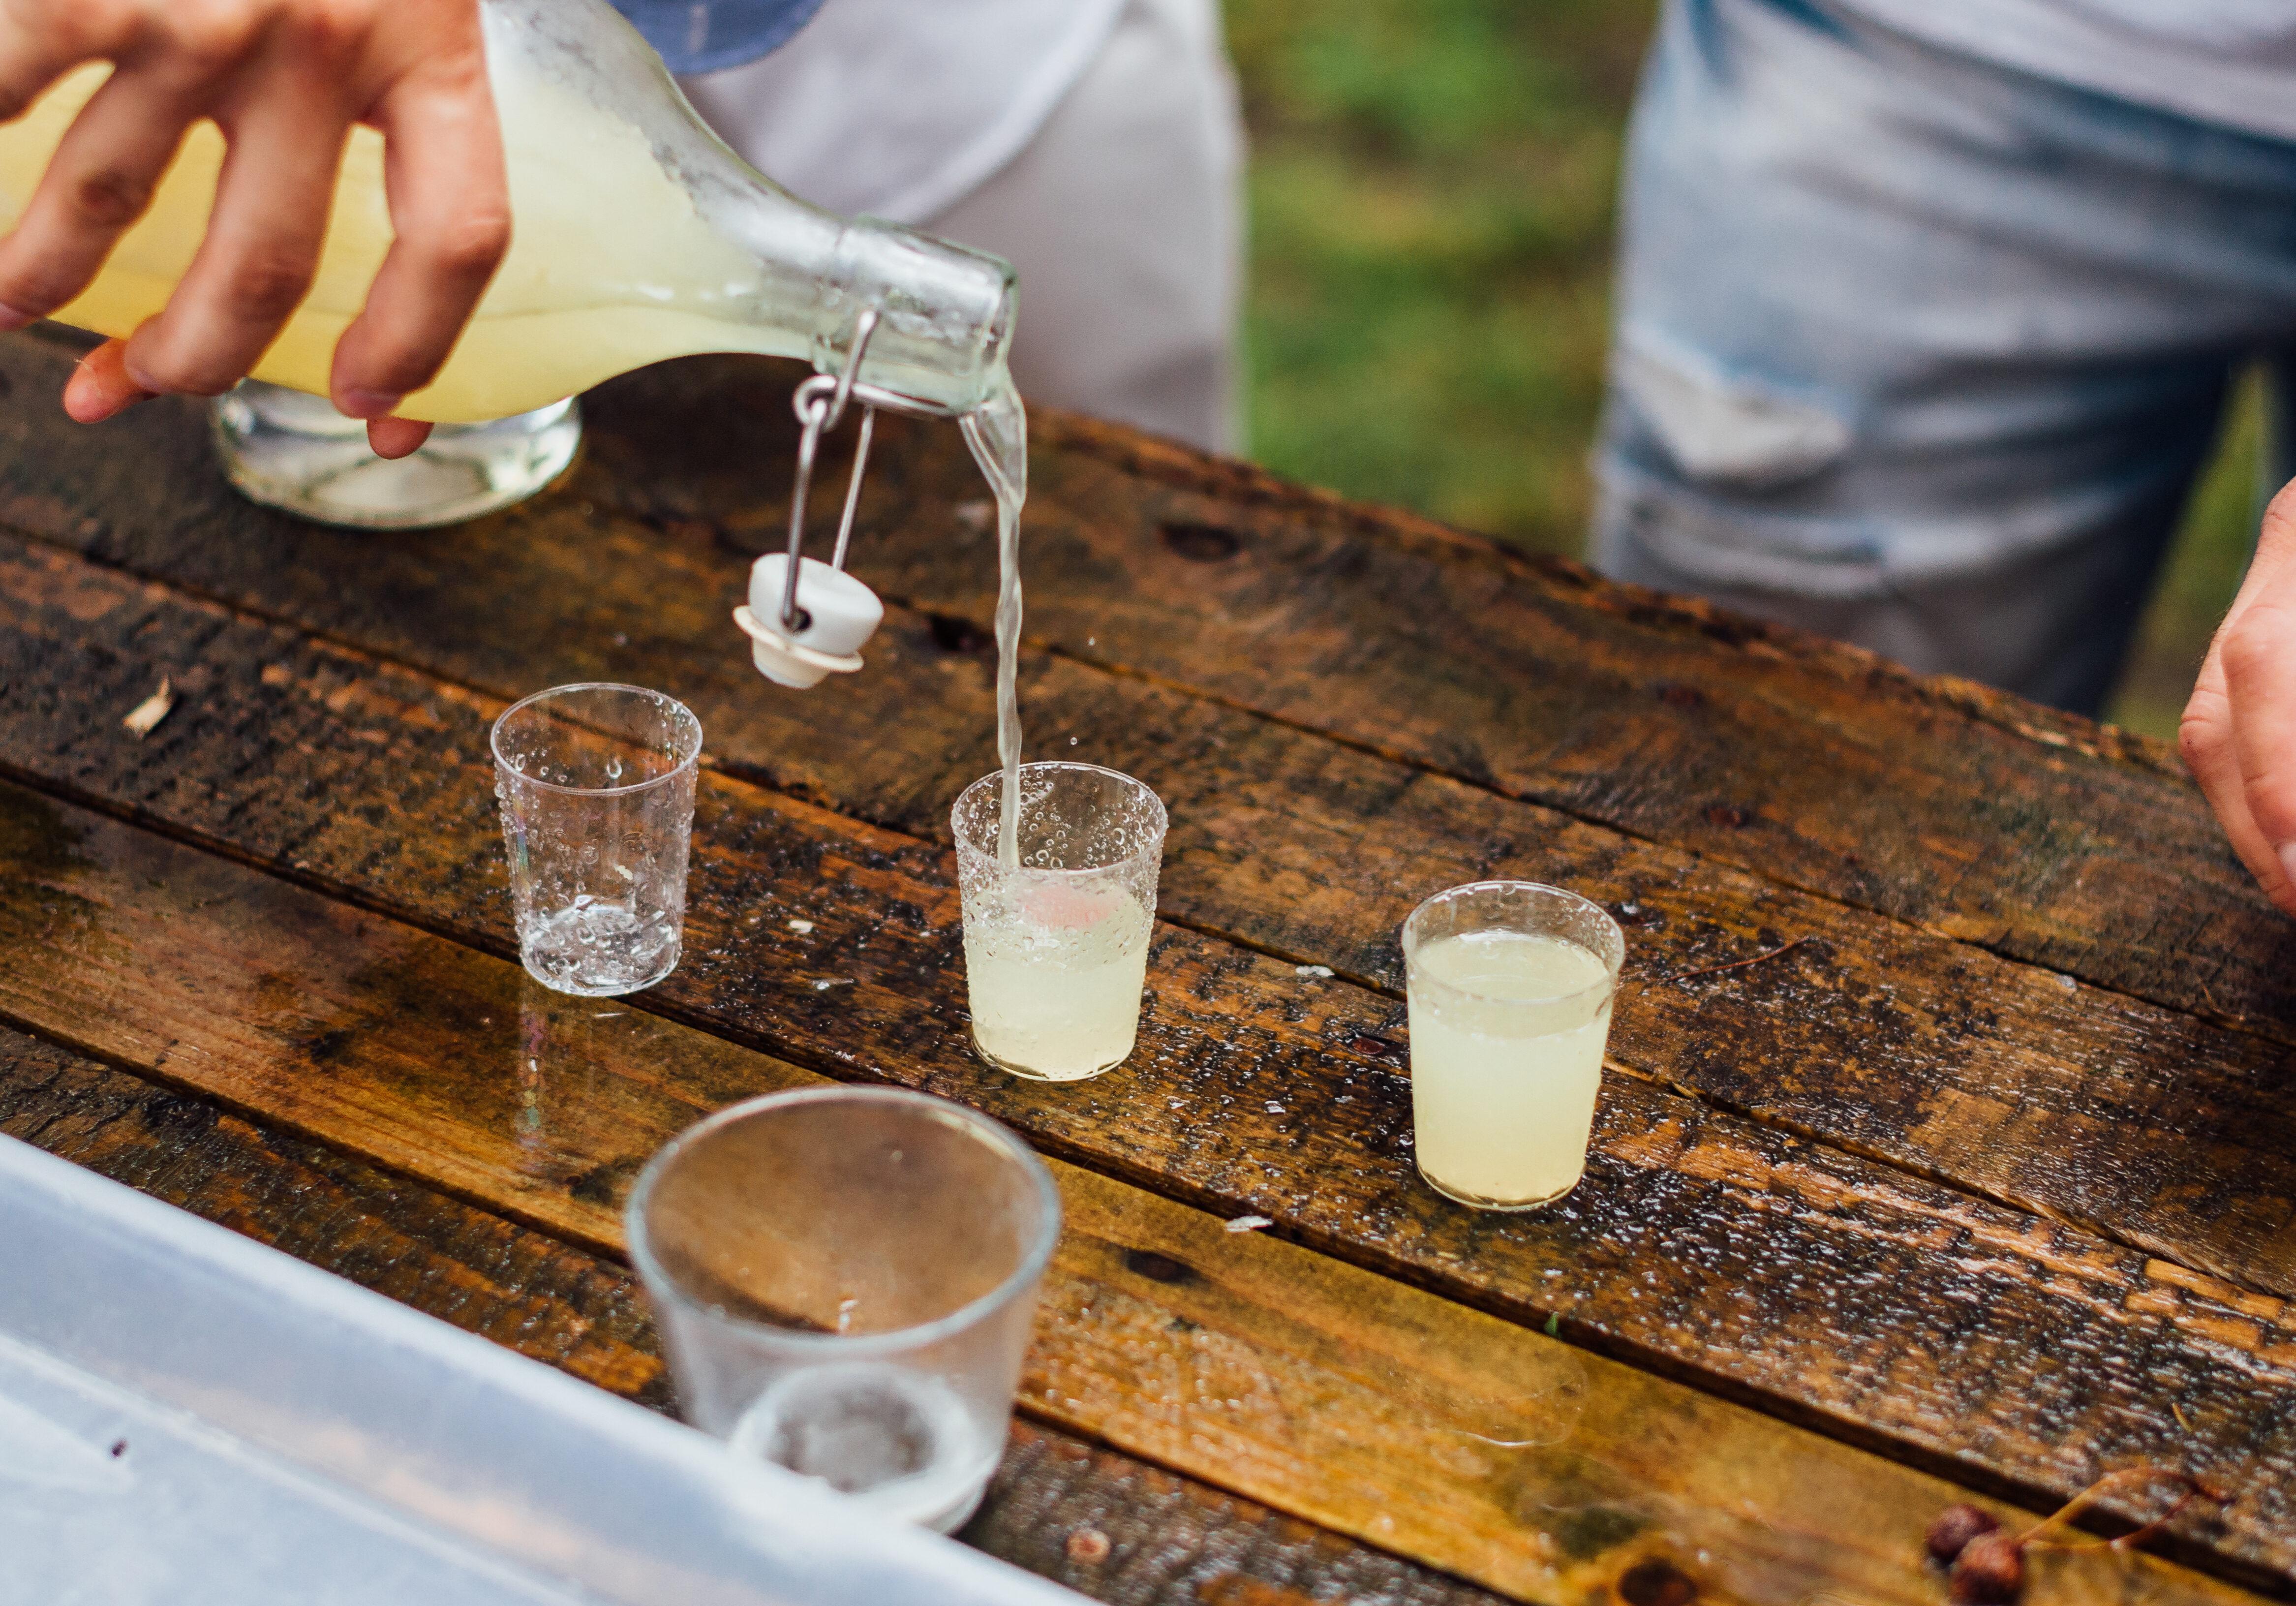 picie wódki z kieliszka, cytrynówka